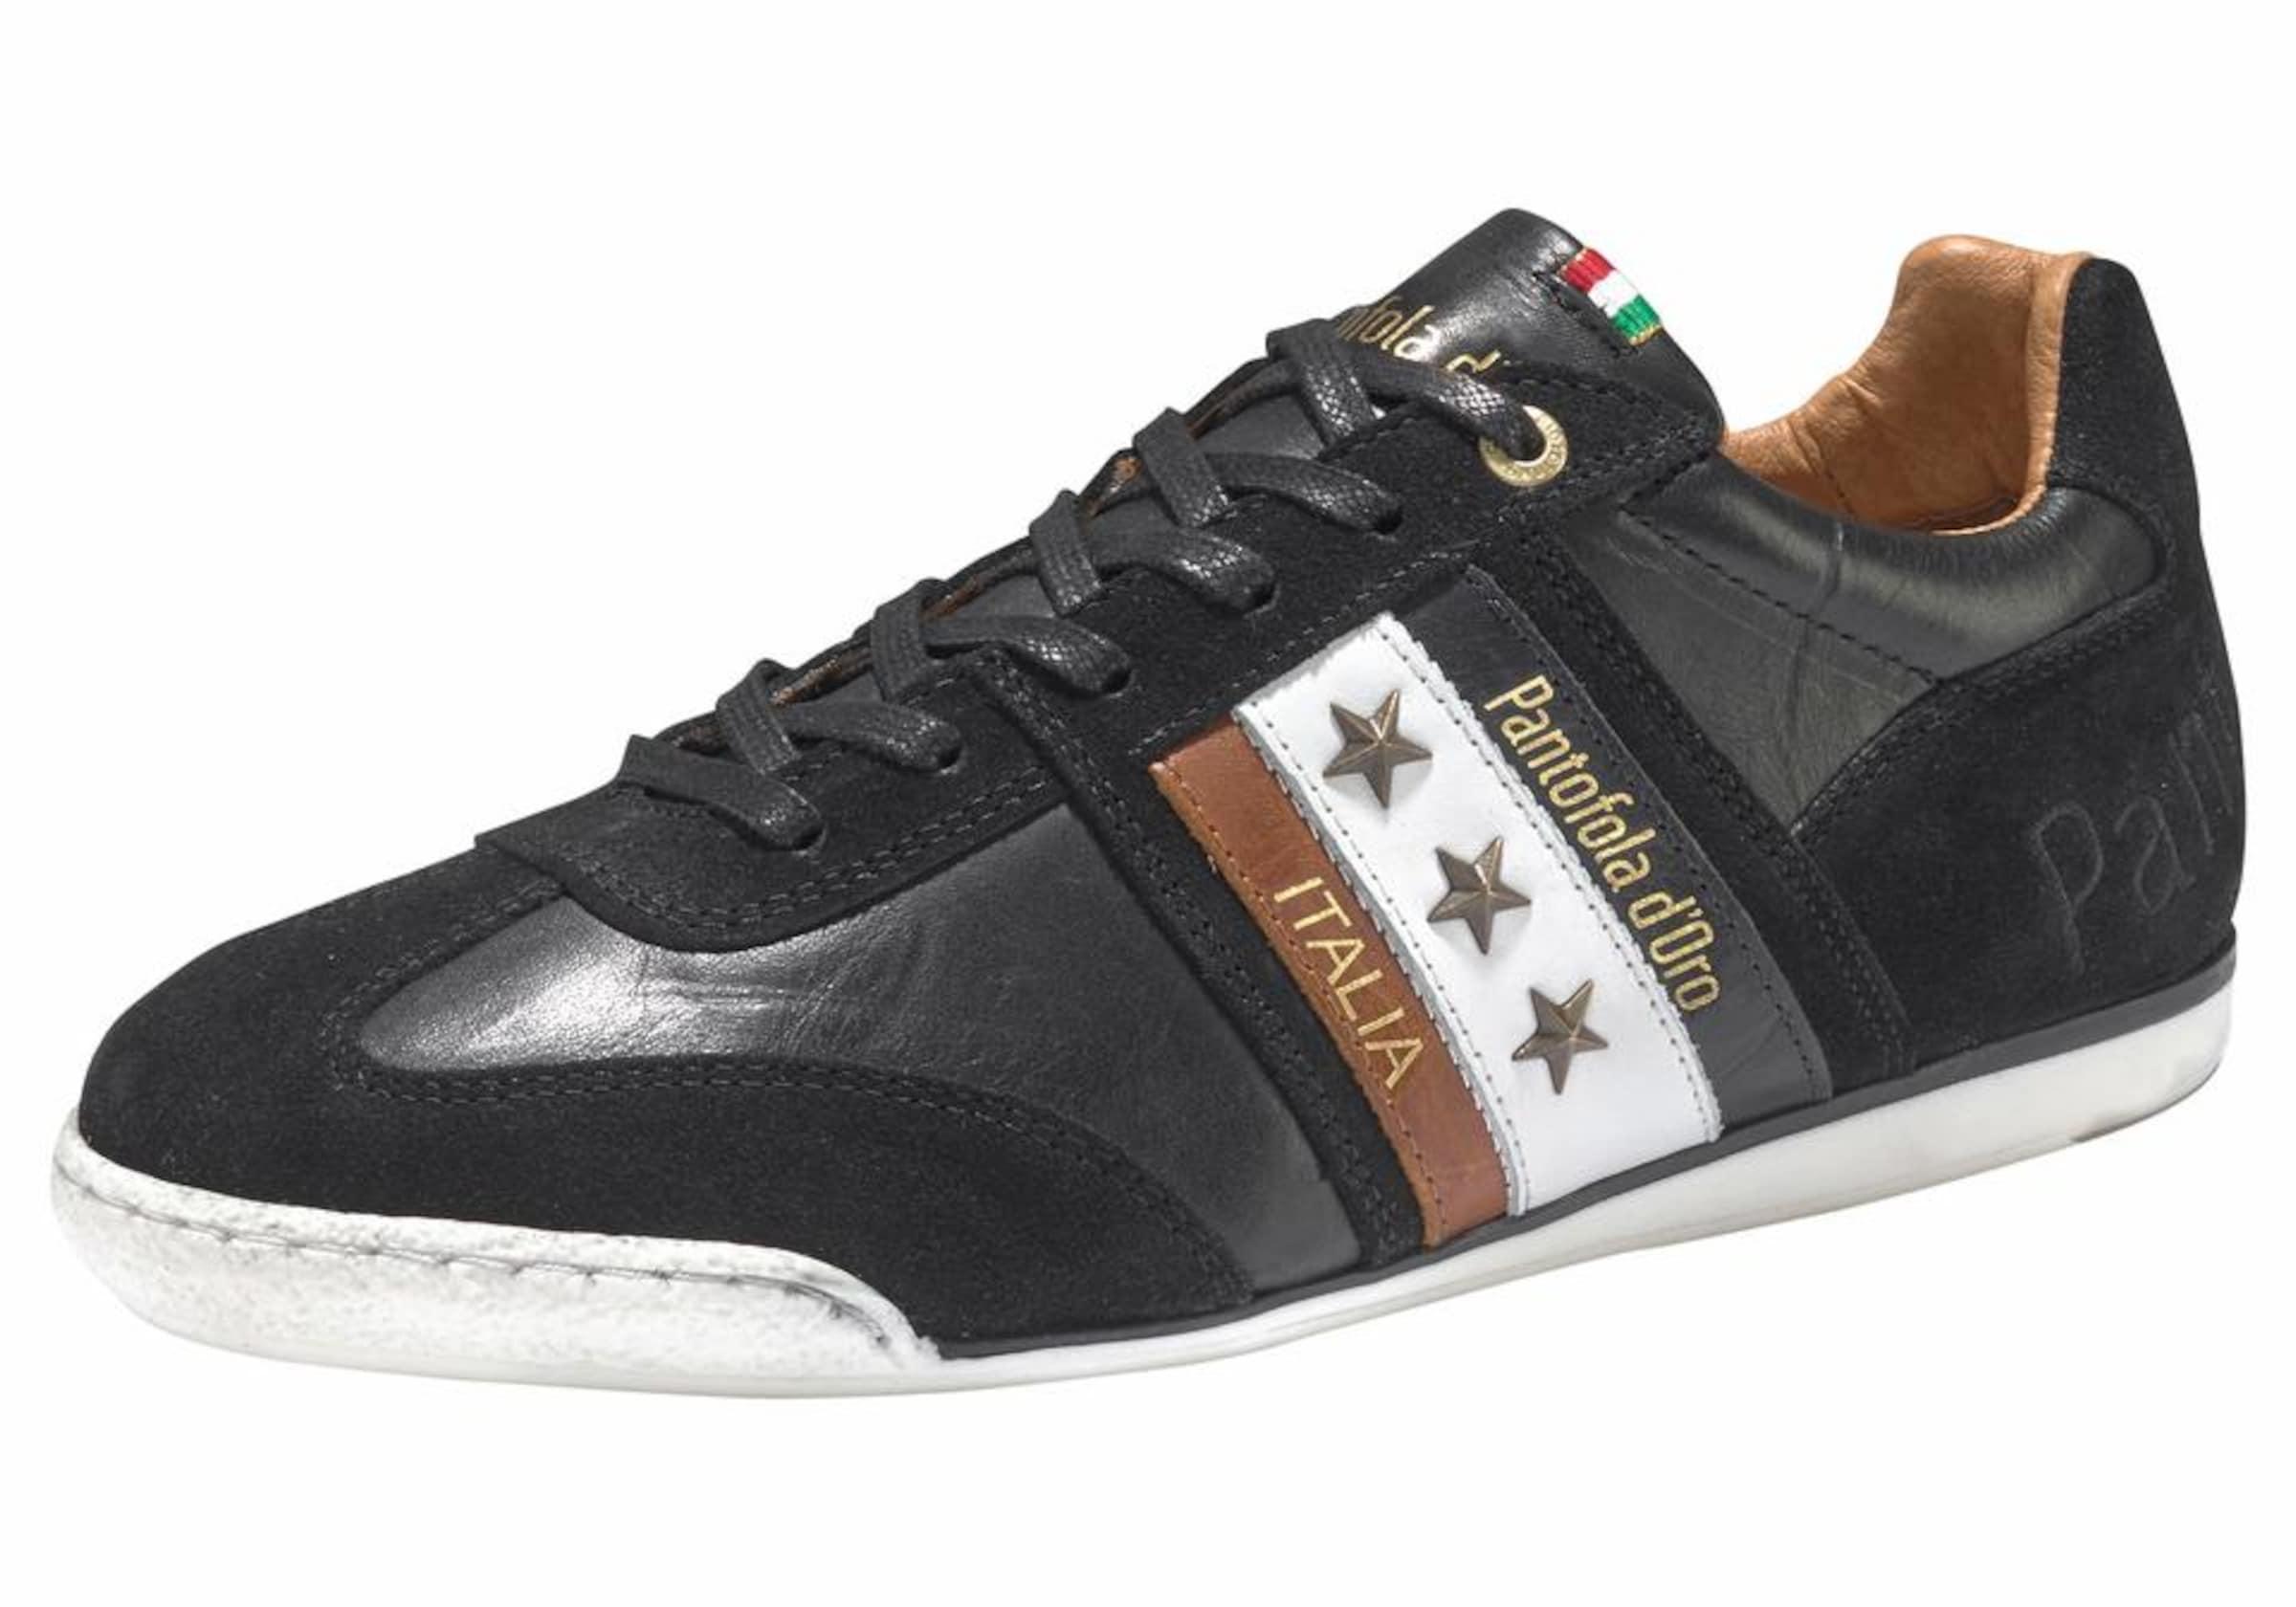 PANTOFOLA D ORO Sneaker  Imola Uomo Low